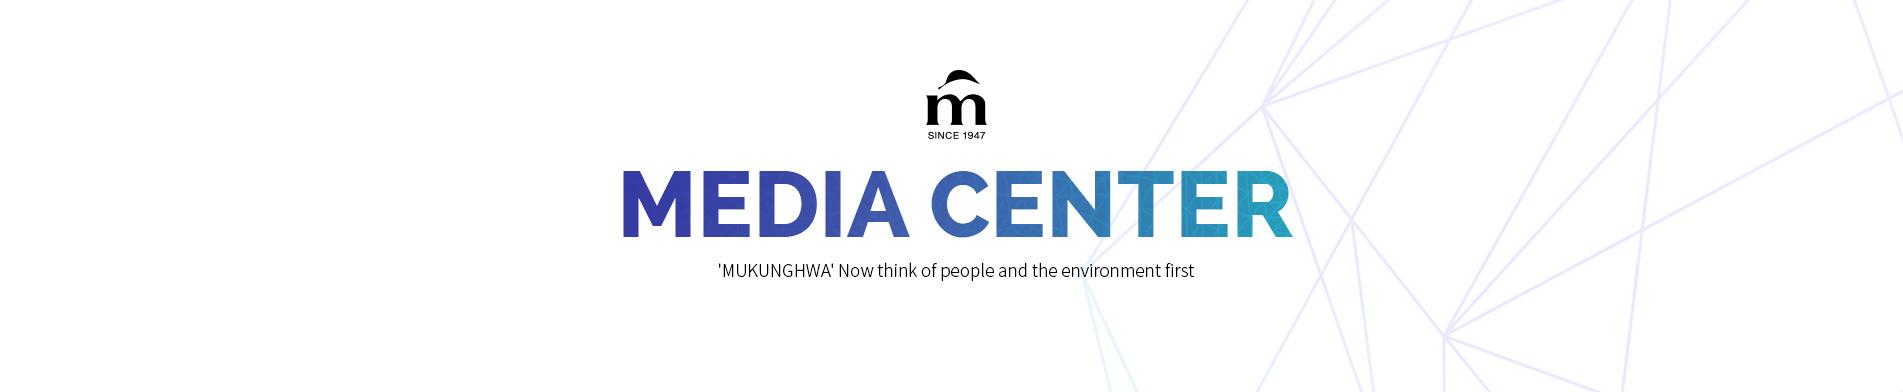 media-center-en